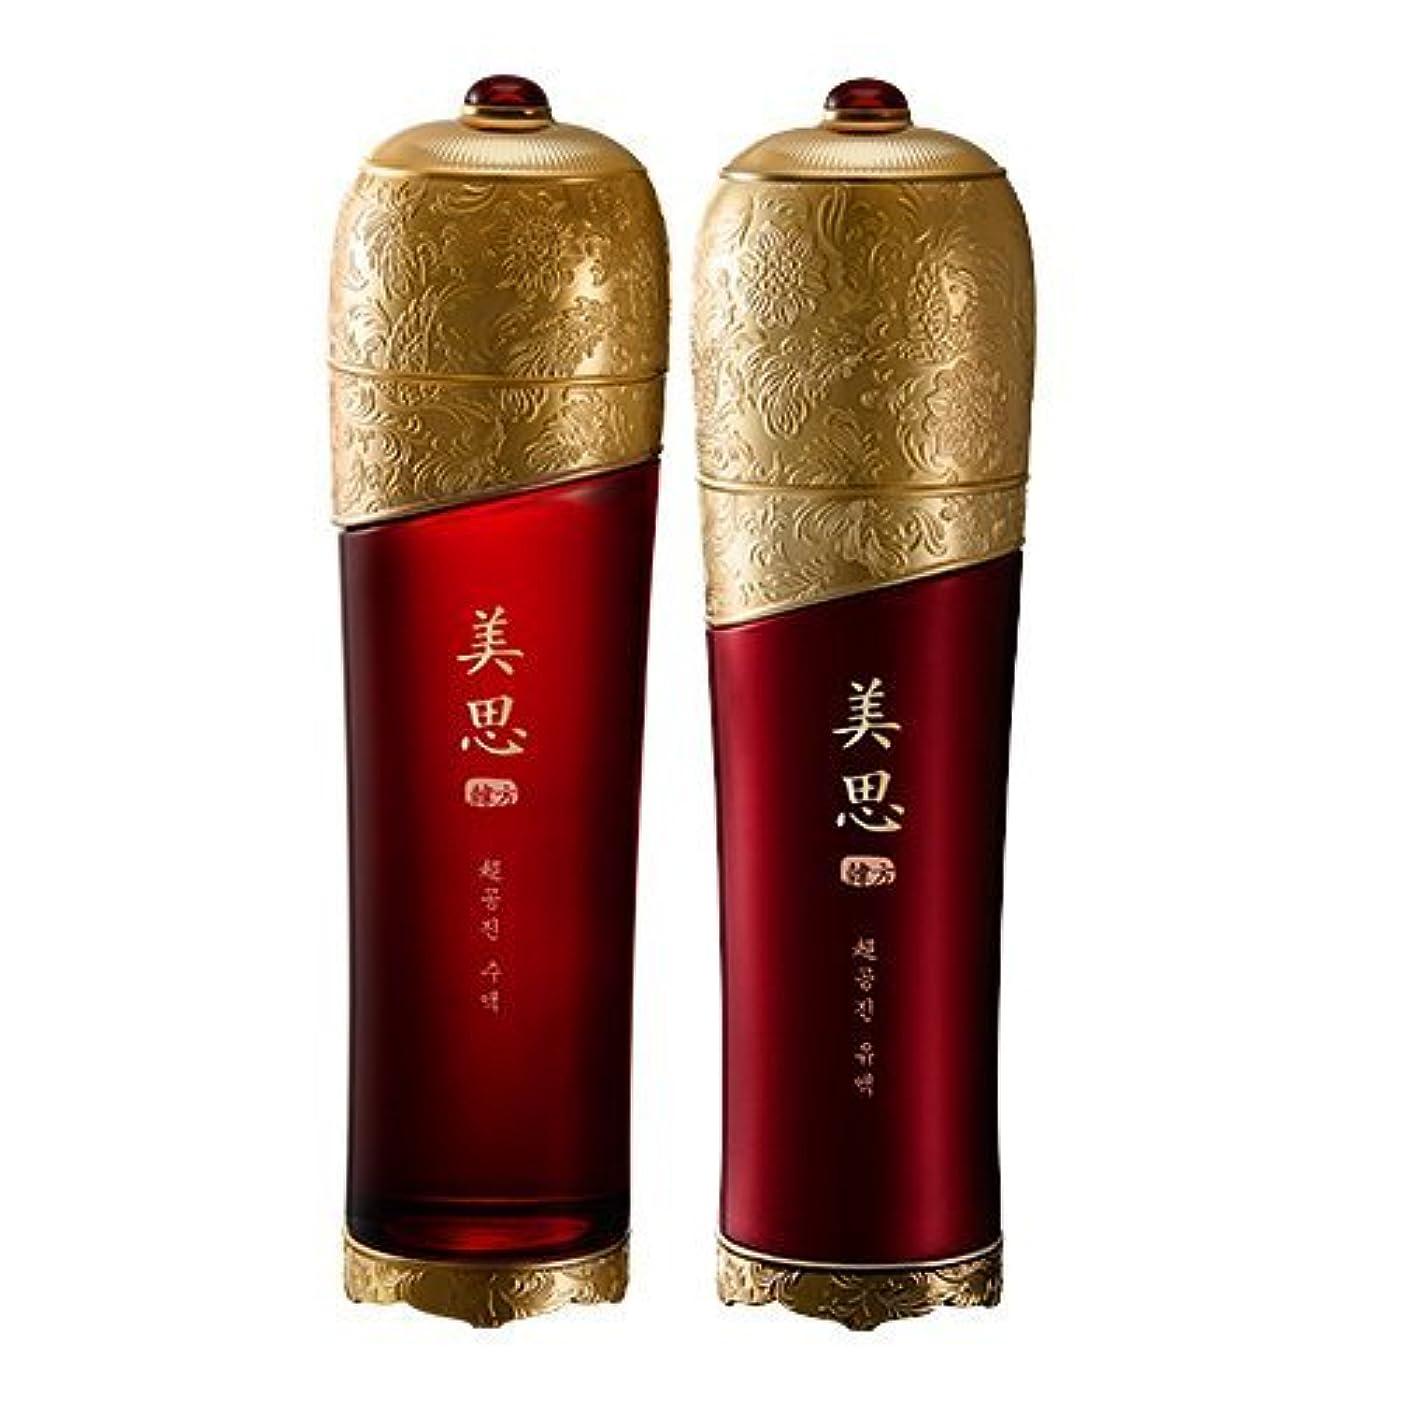 クランプ振る舞い悪行MISSHA(ミシャ) 美思 韓方 チョゴンジン 基礎化粧品 スキンケア 化粧水+乳液=お得2種Set